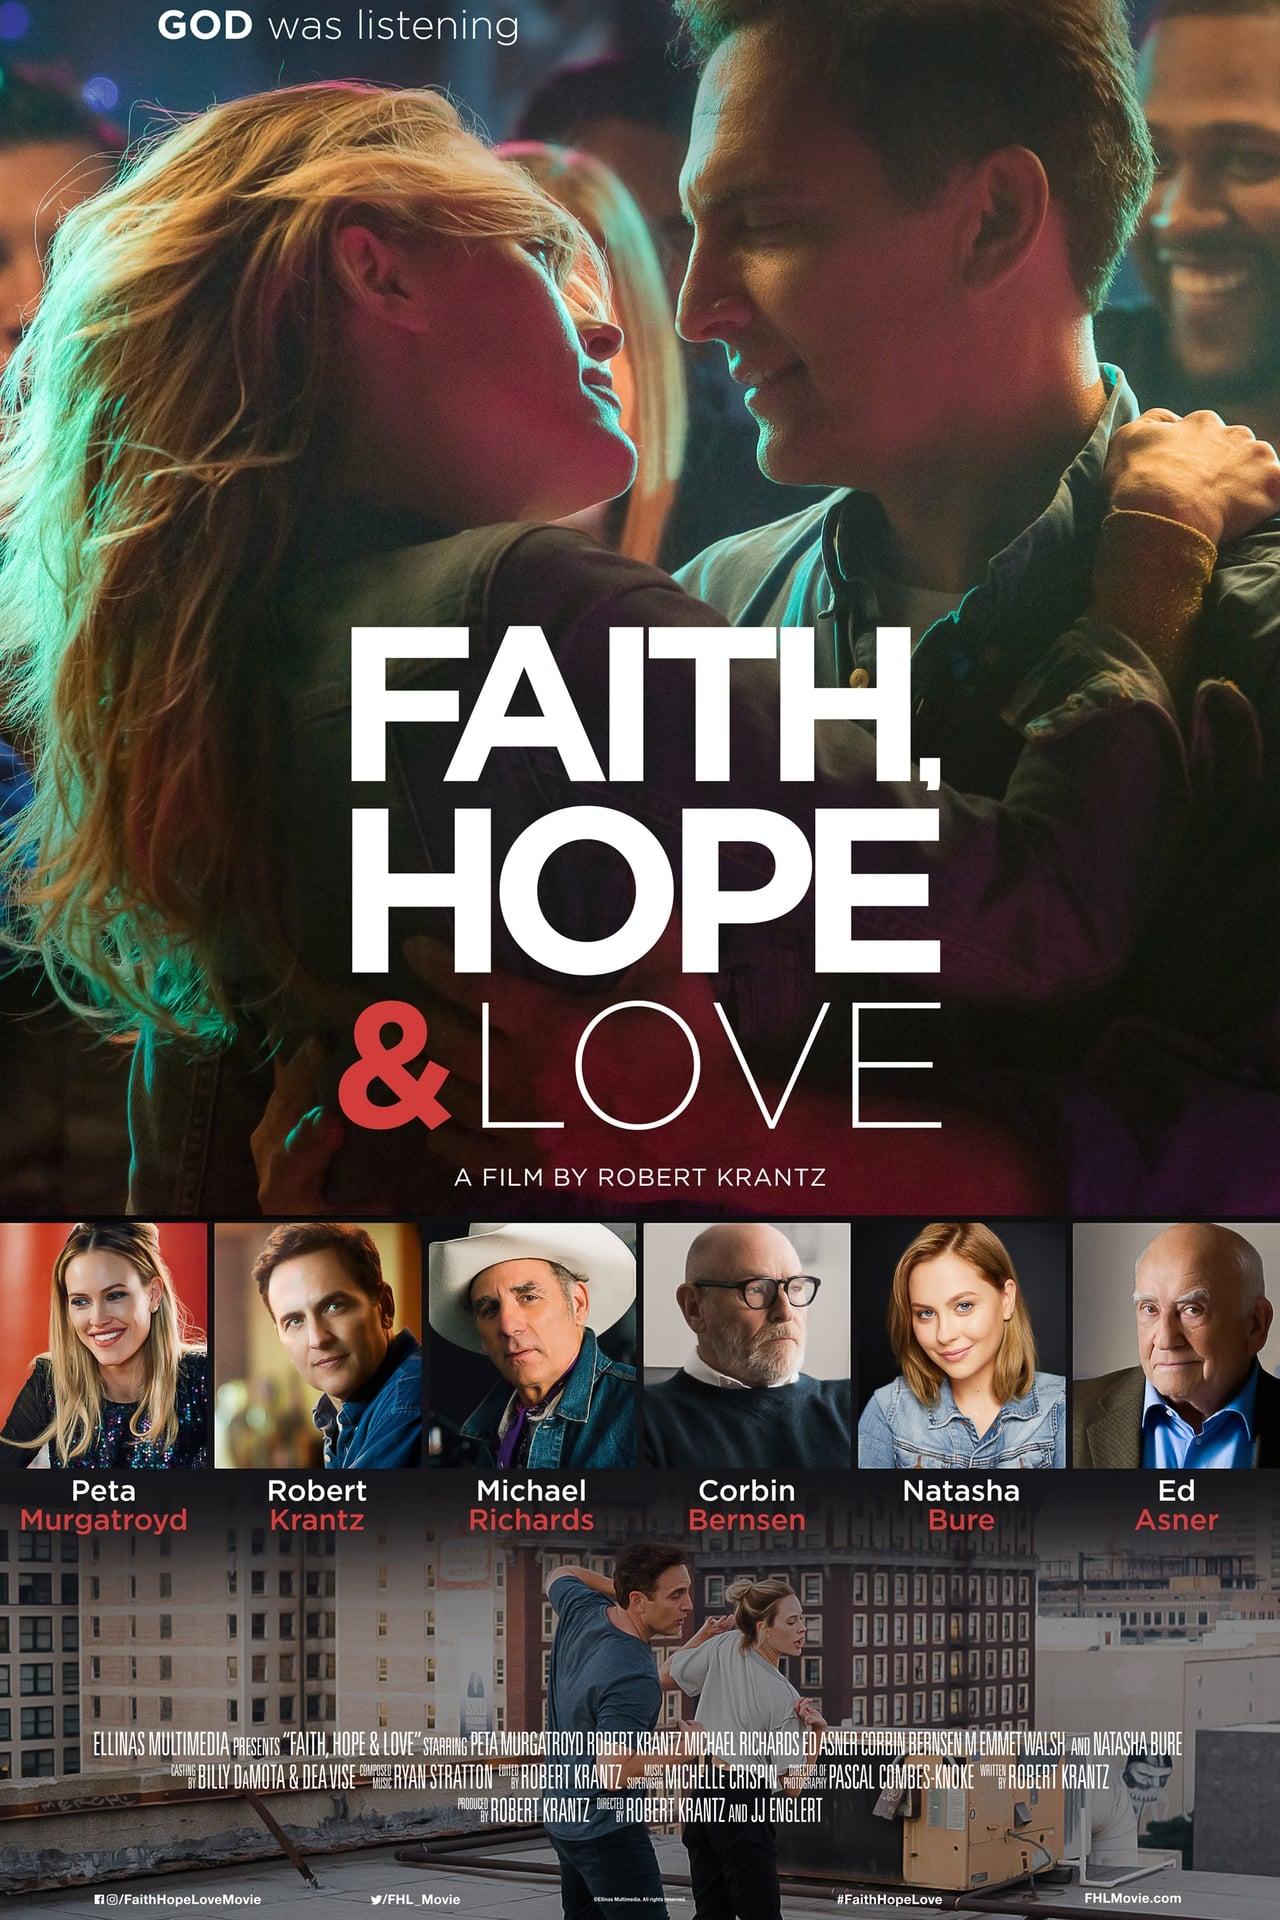 Faith, Hope & Love image